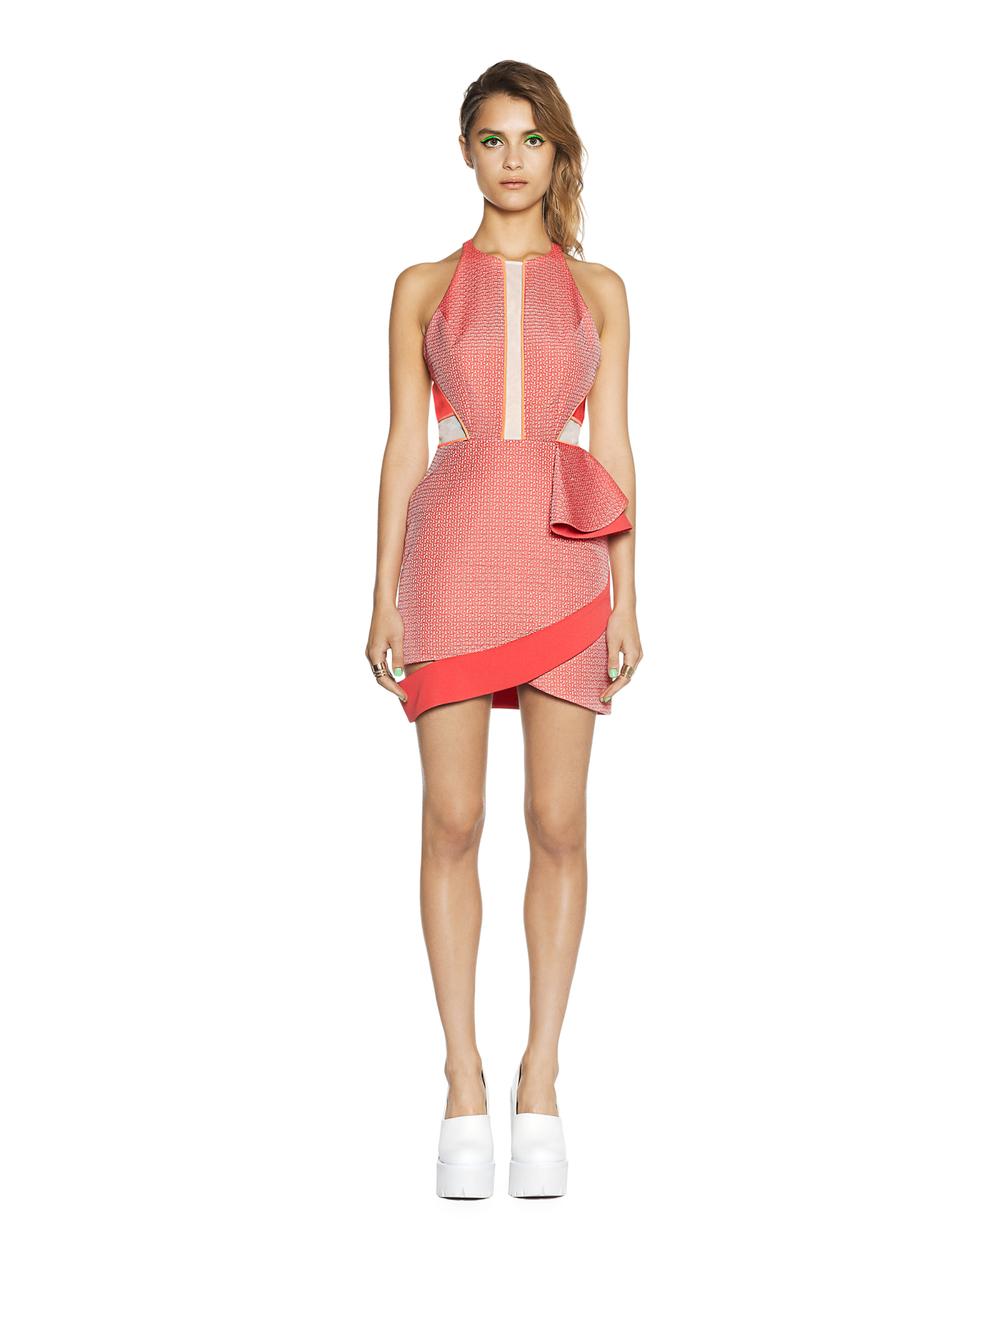 http://www.threefloorfashion.com/all/shang-high-dress.html